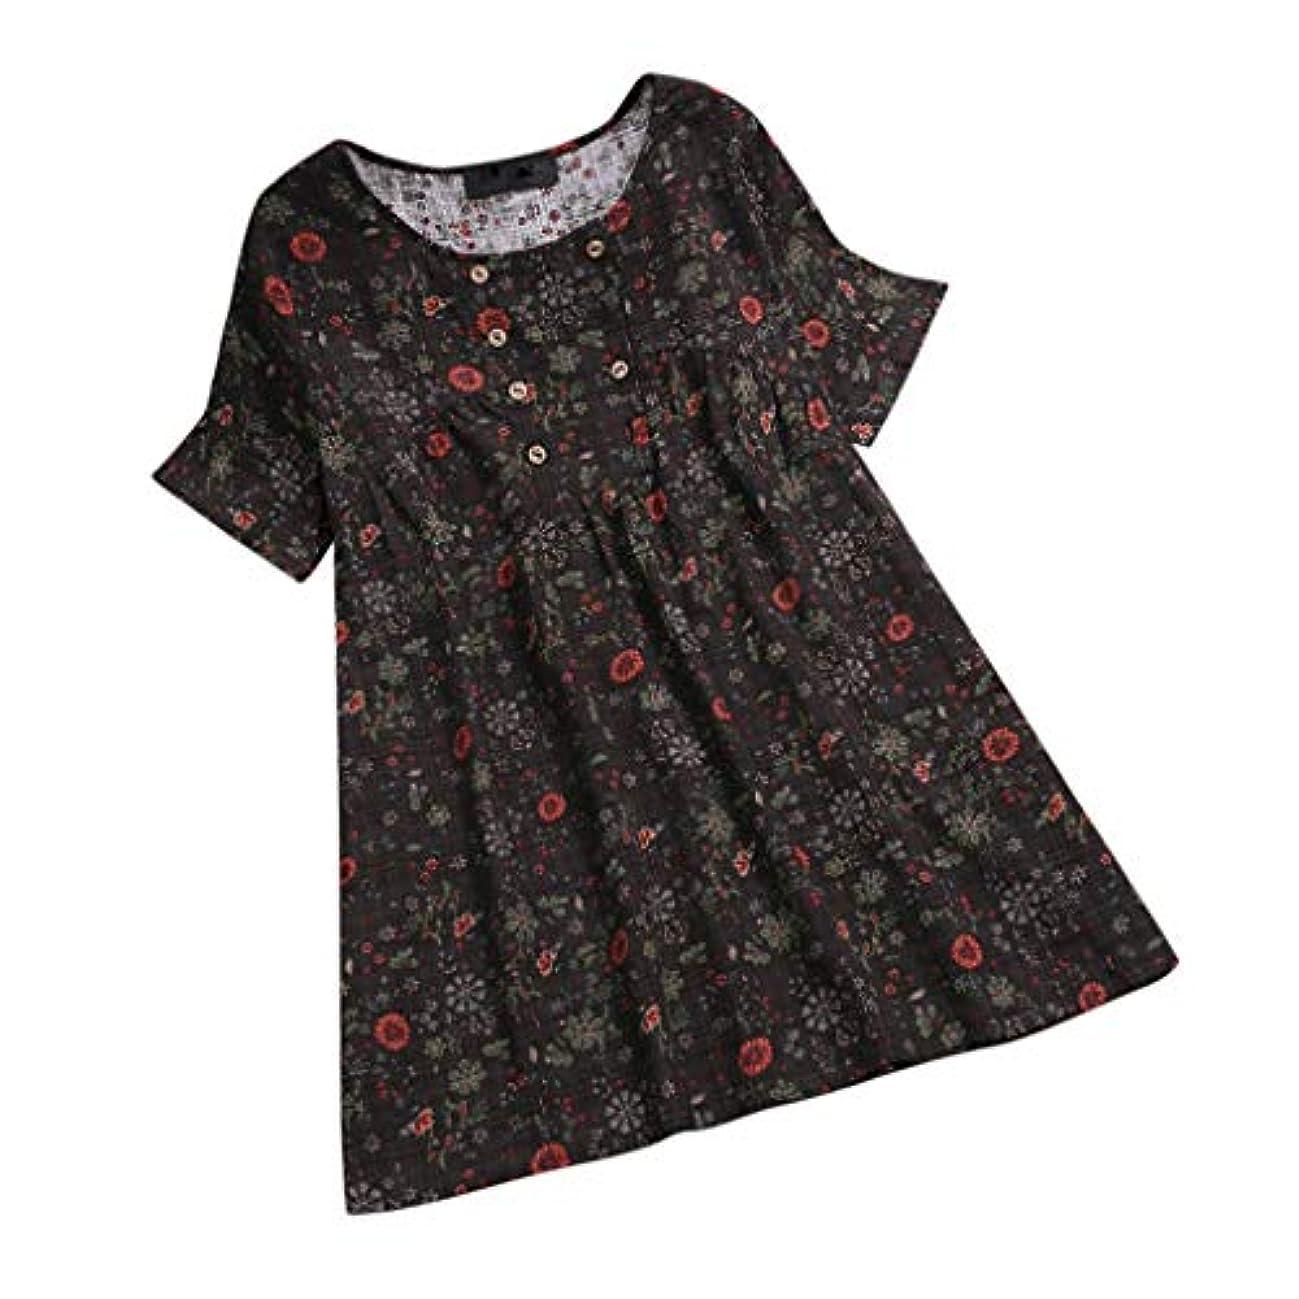 時代バスタブ酸化するレディース tシャツ プラスサイズ 半袖 丸首 花柄 ボタン ビンテージ チュニック トップス 短いドレス ブラウス 人気 夏服 快適な 軽い 柔らかい かっこいい ワイシャツ カジュアル シンプル オシャレ 春夏秋 対応